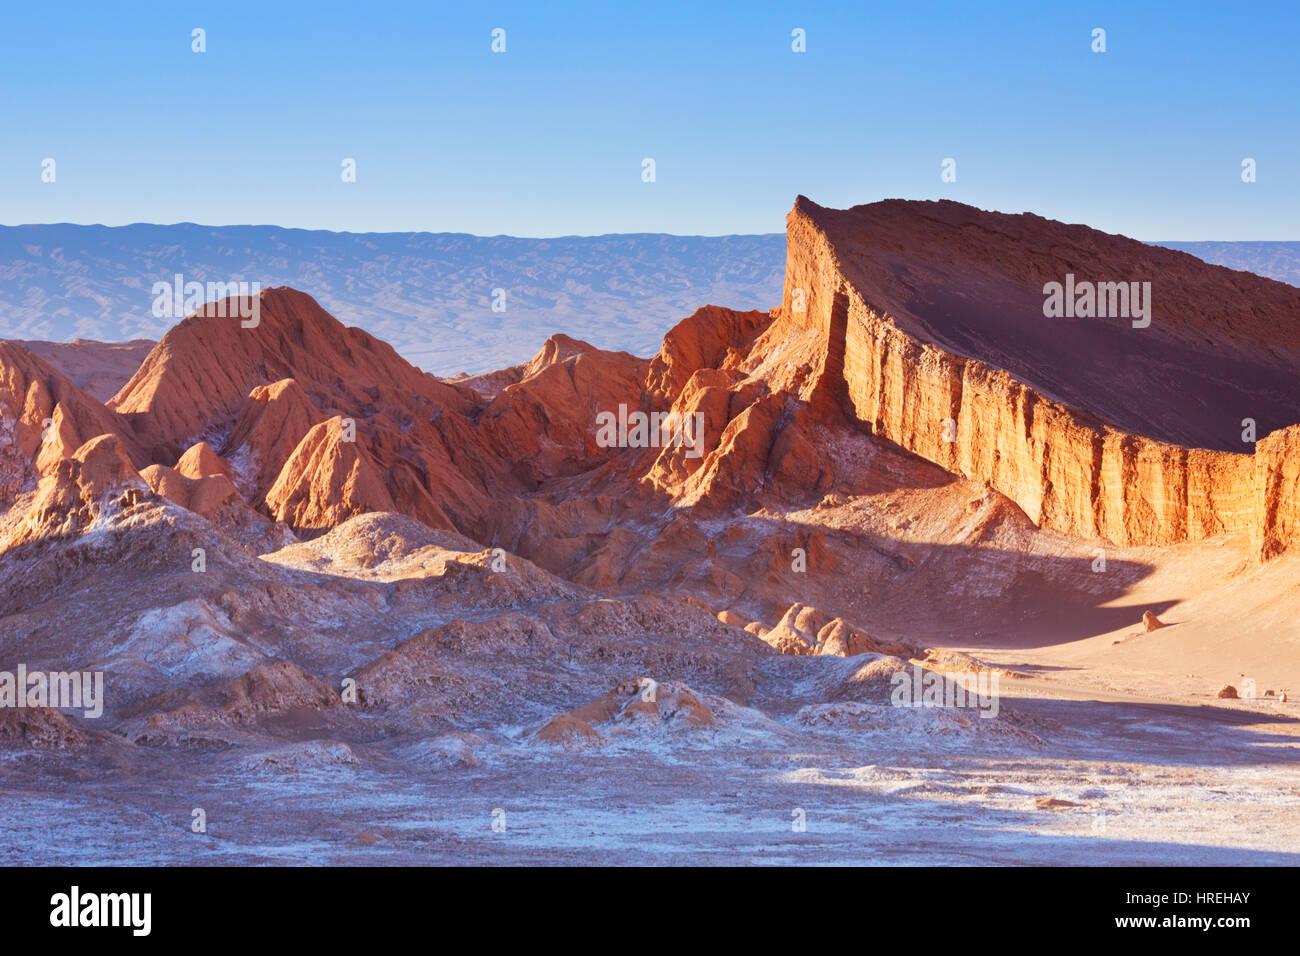 Valle de la Luna en el desierto de Atacama, norte de Chile, al atardecer. Imagen De Stock